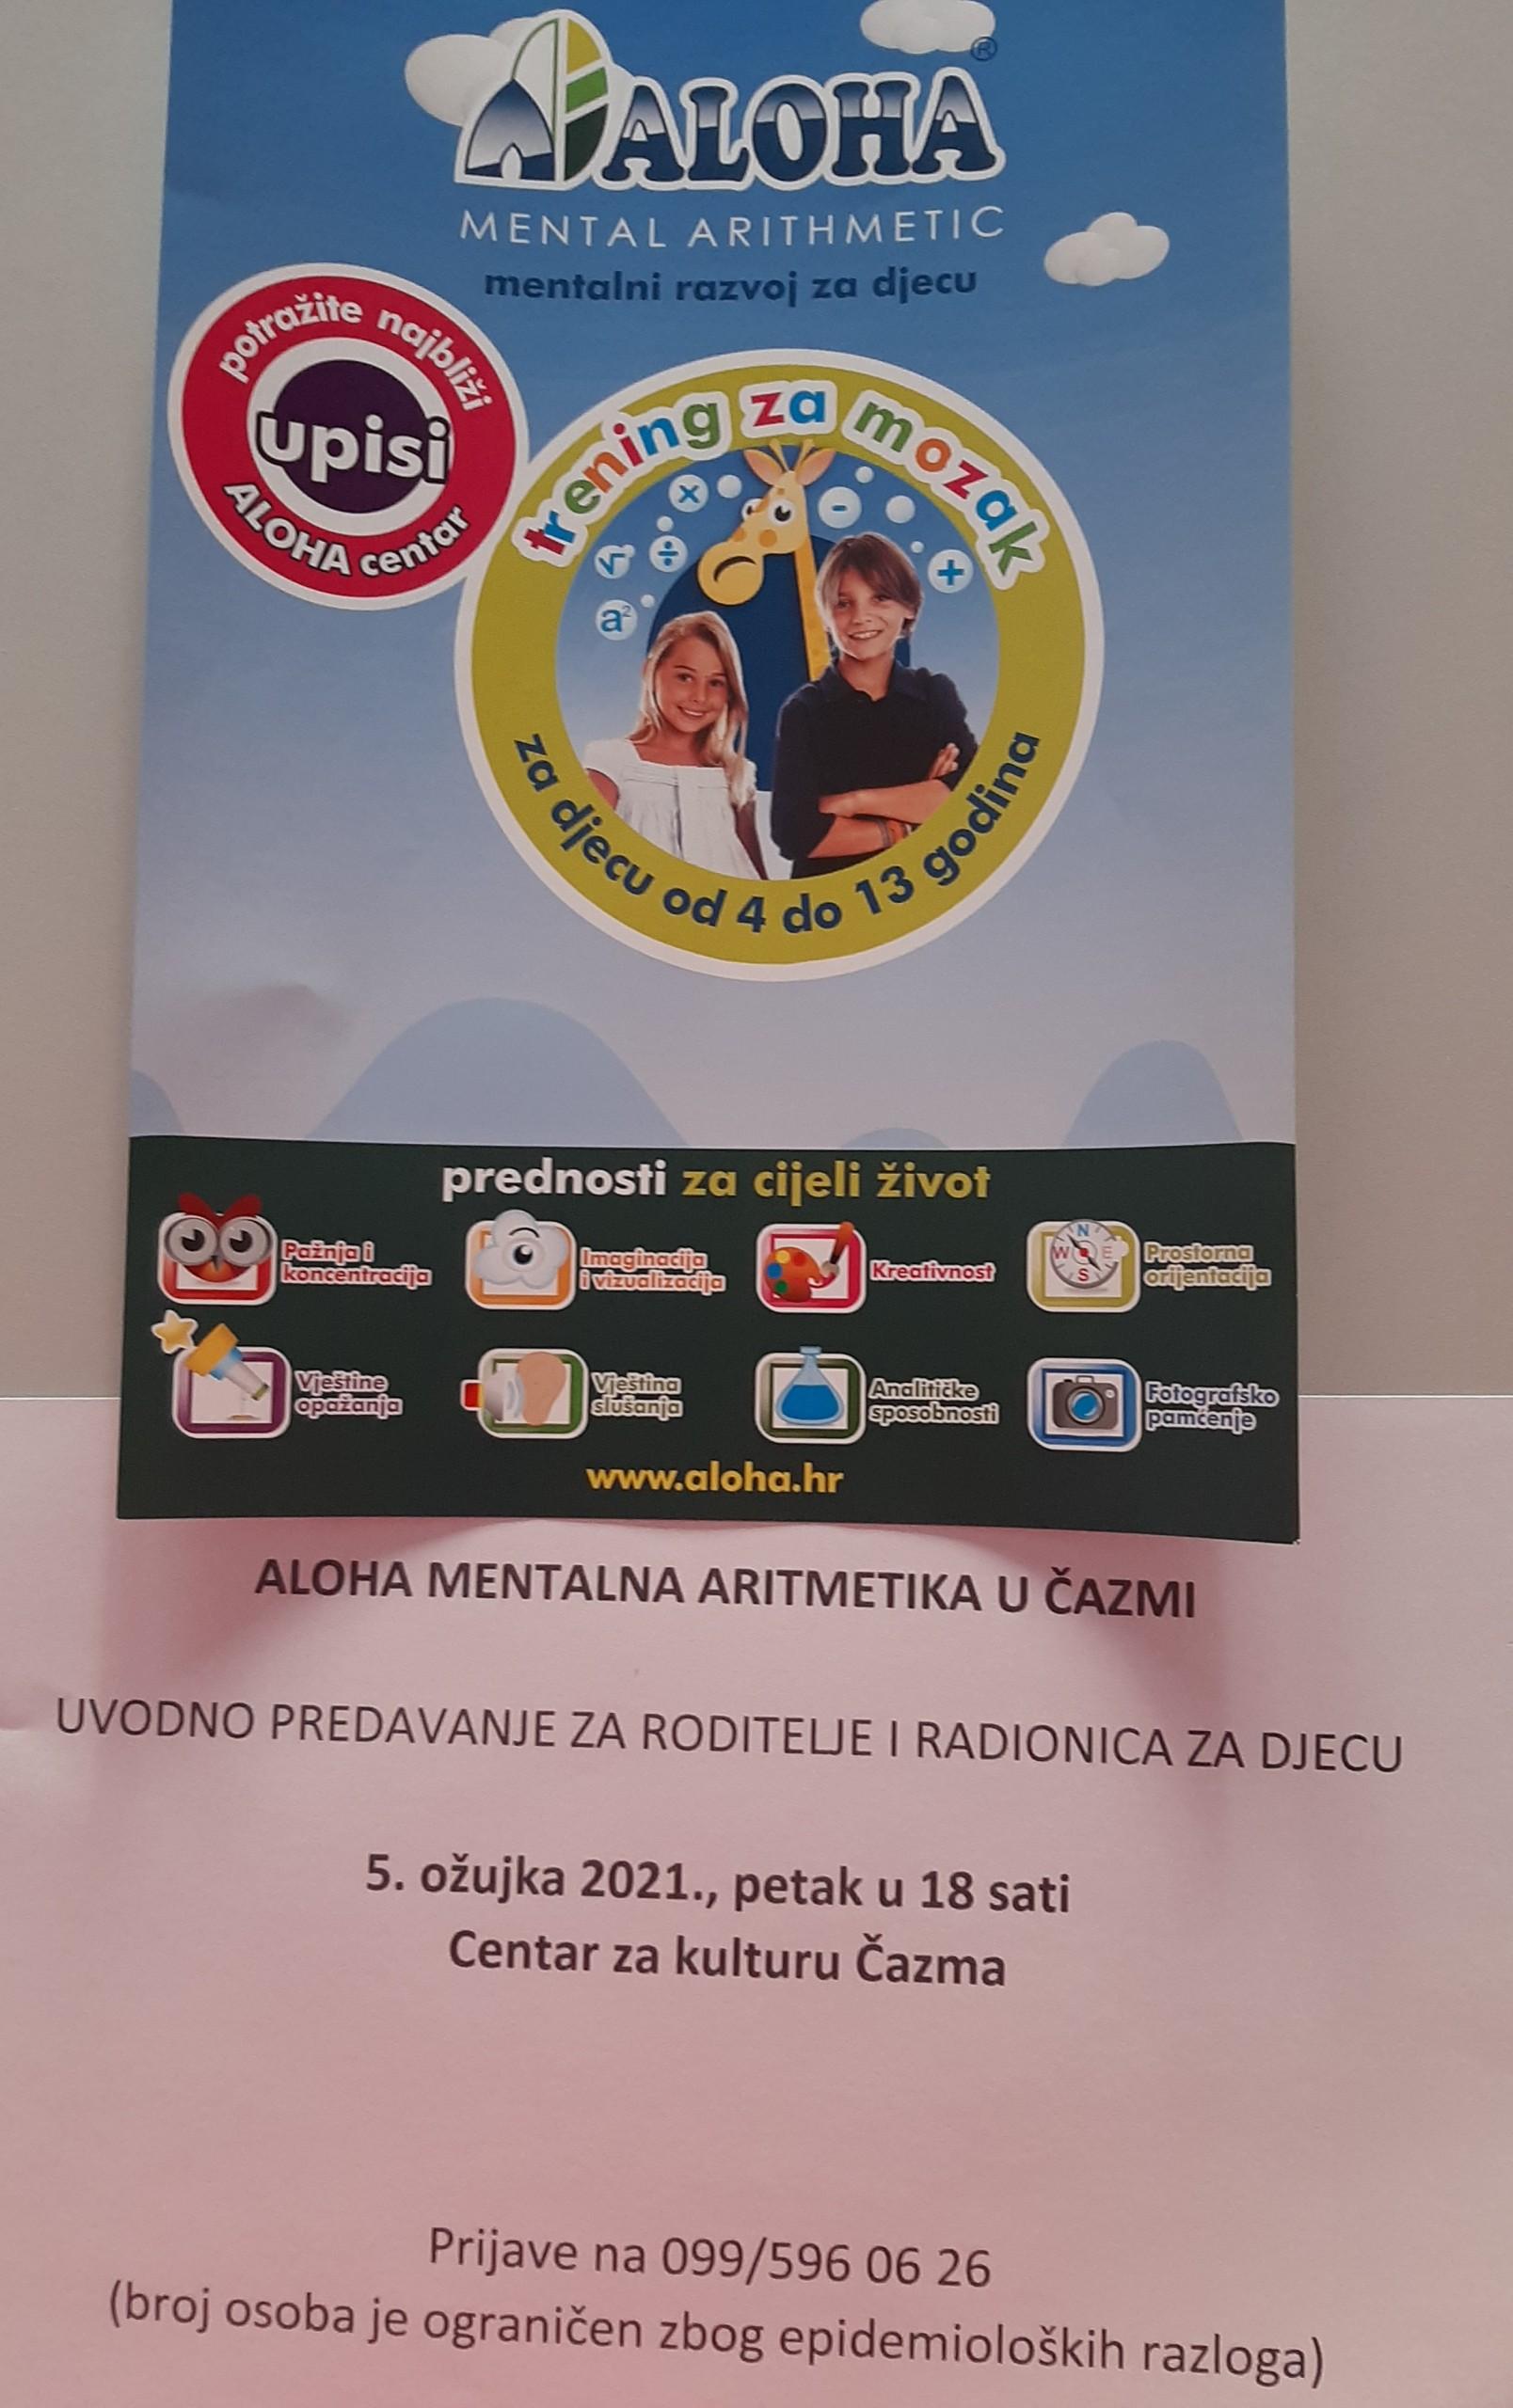 Program mentalne aritmetike za roditelje i radionica za djecu